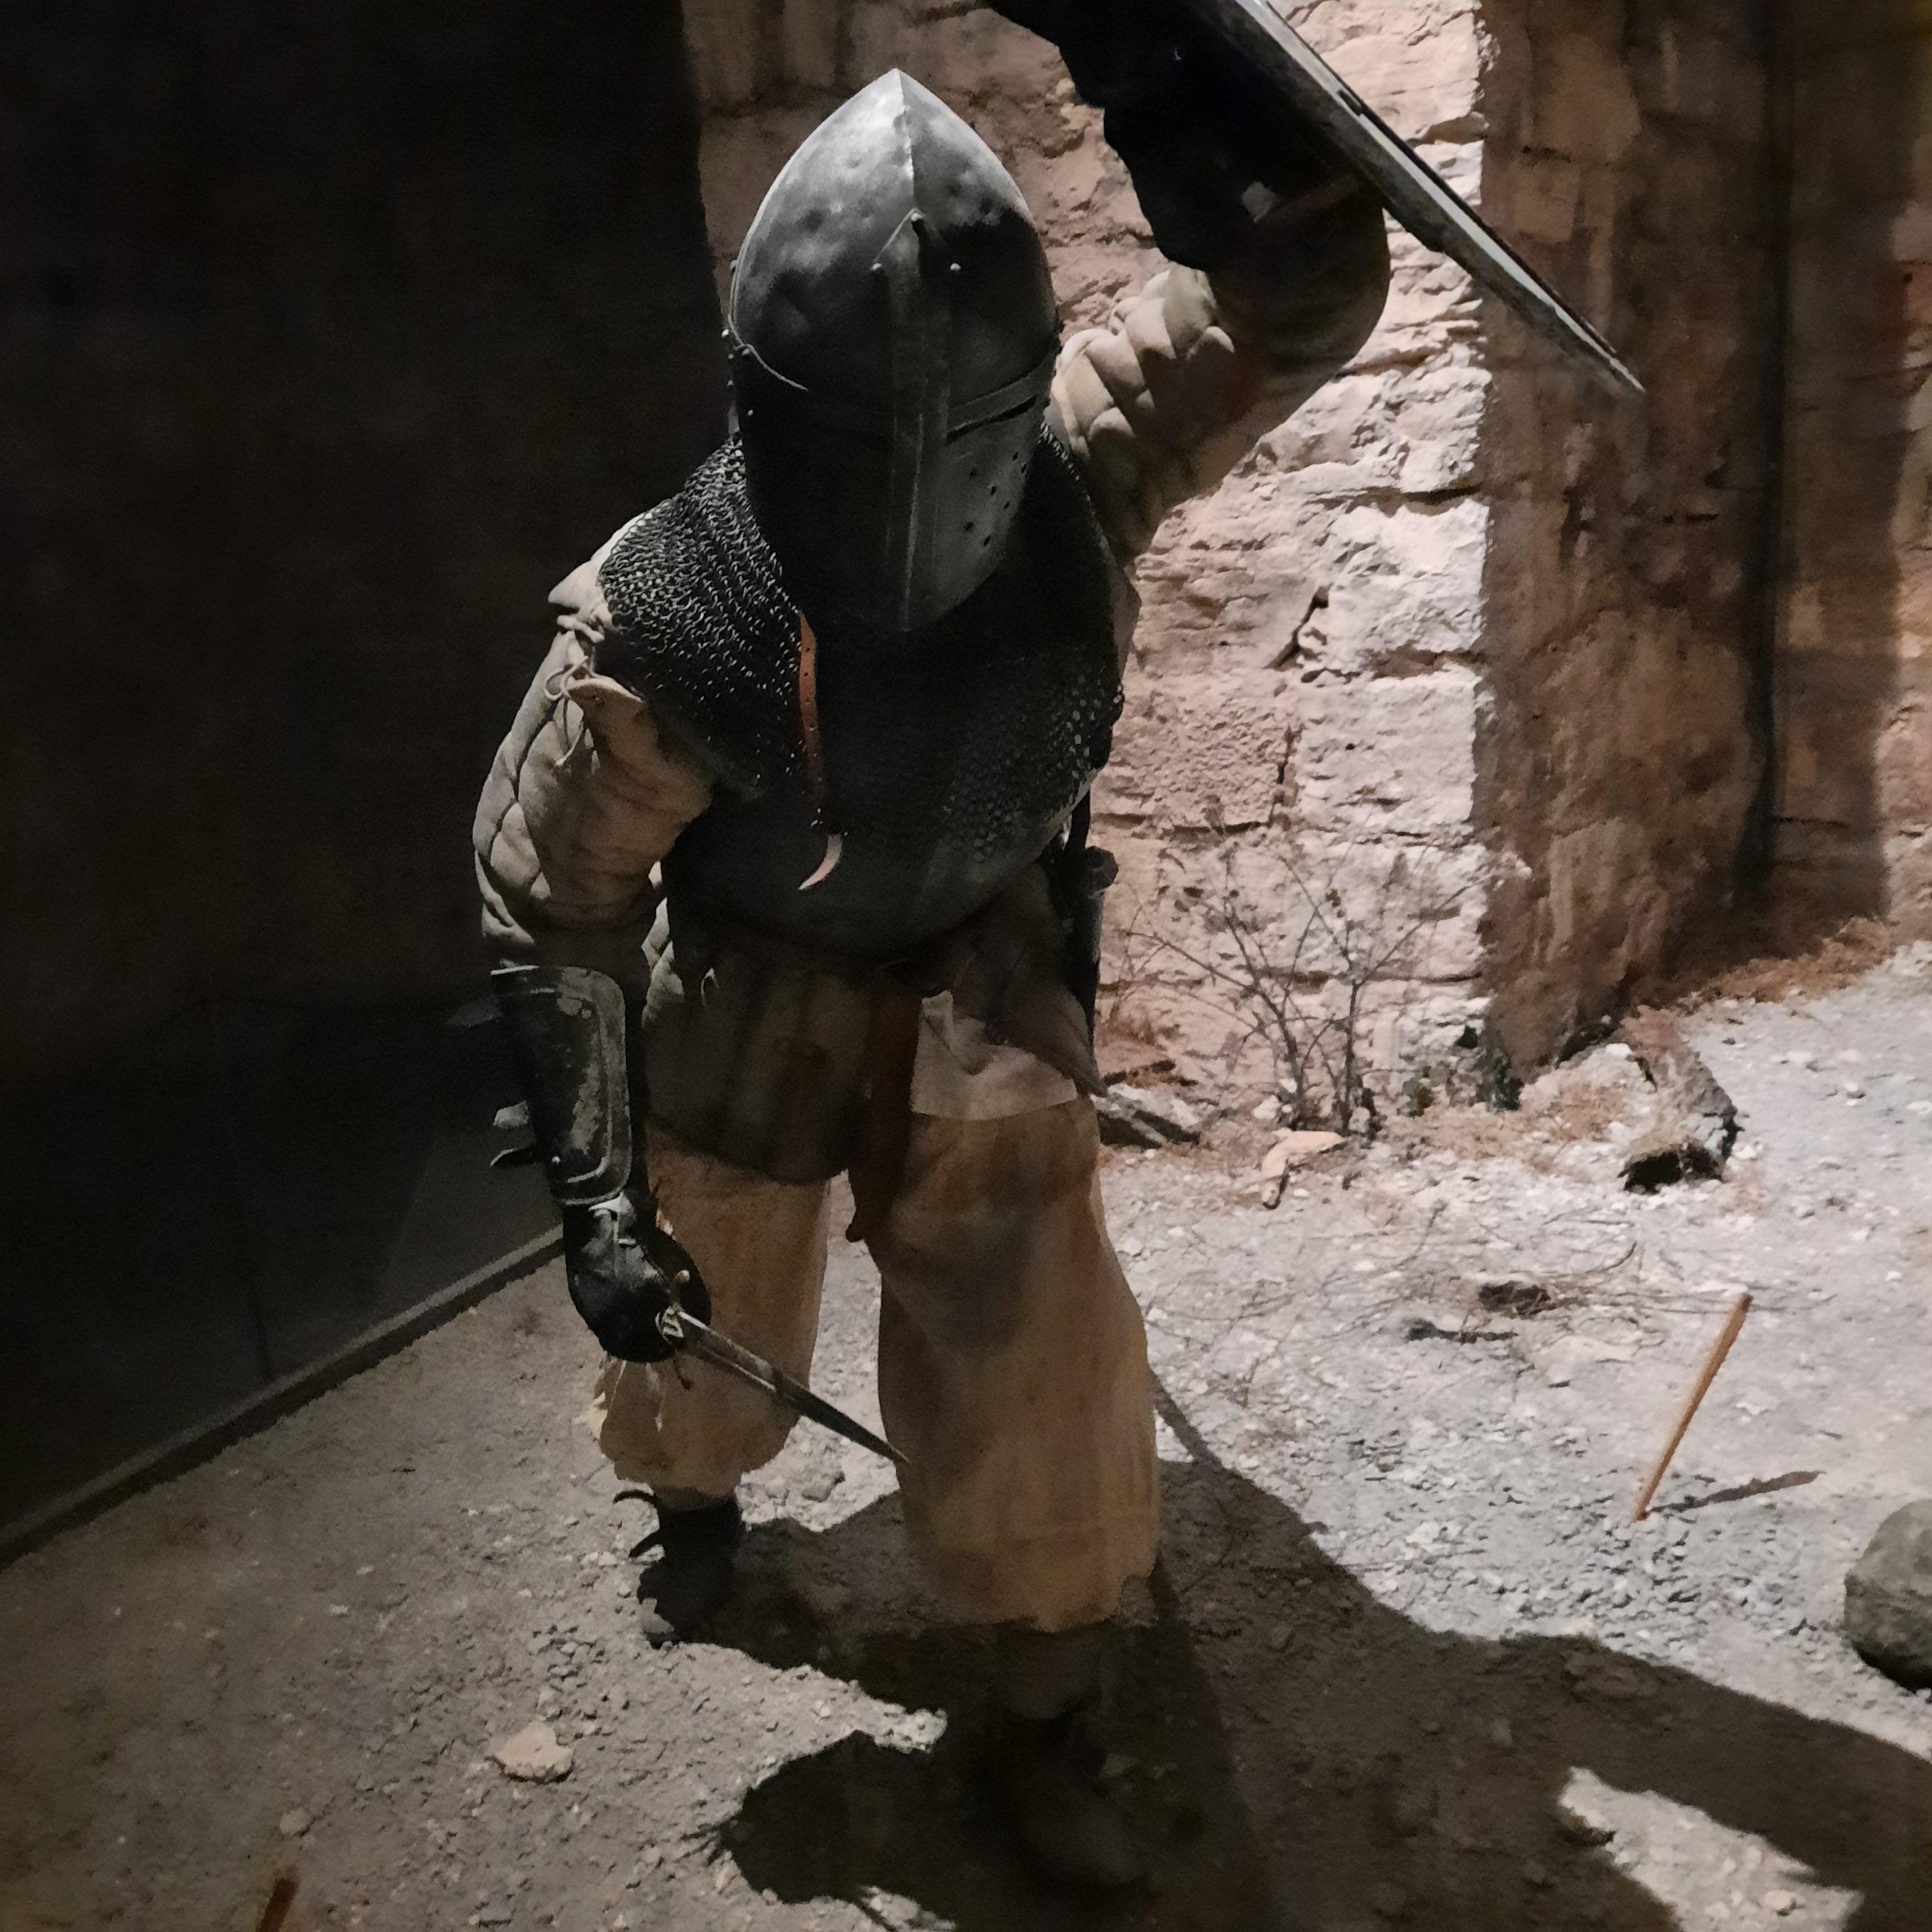 De framrusande soldaterna försökte ta sig över murarna utan att träffas av armborstskyttarna vid murkrönen.